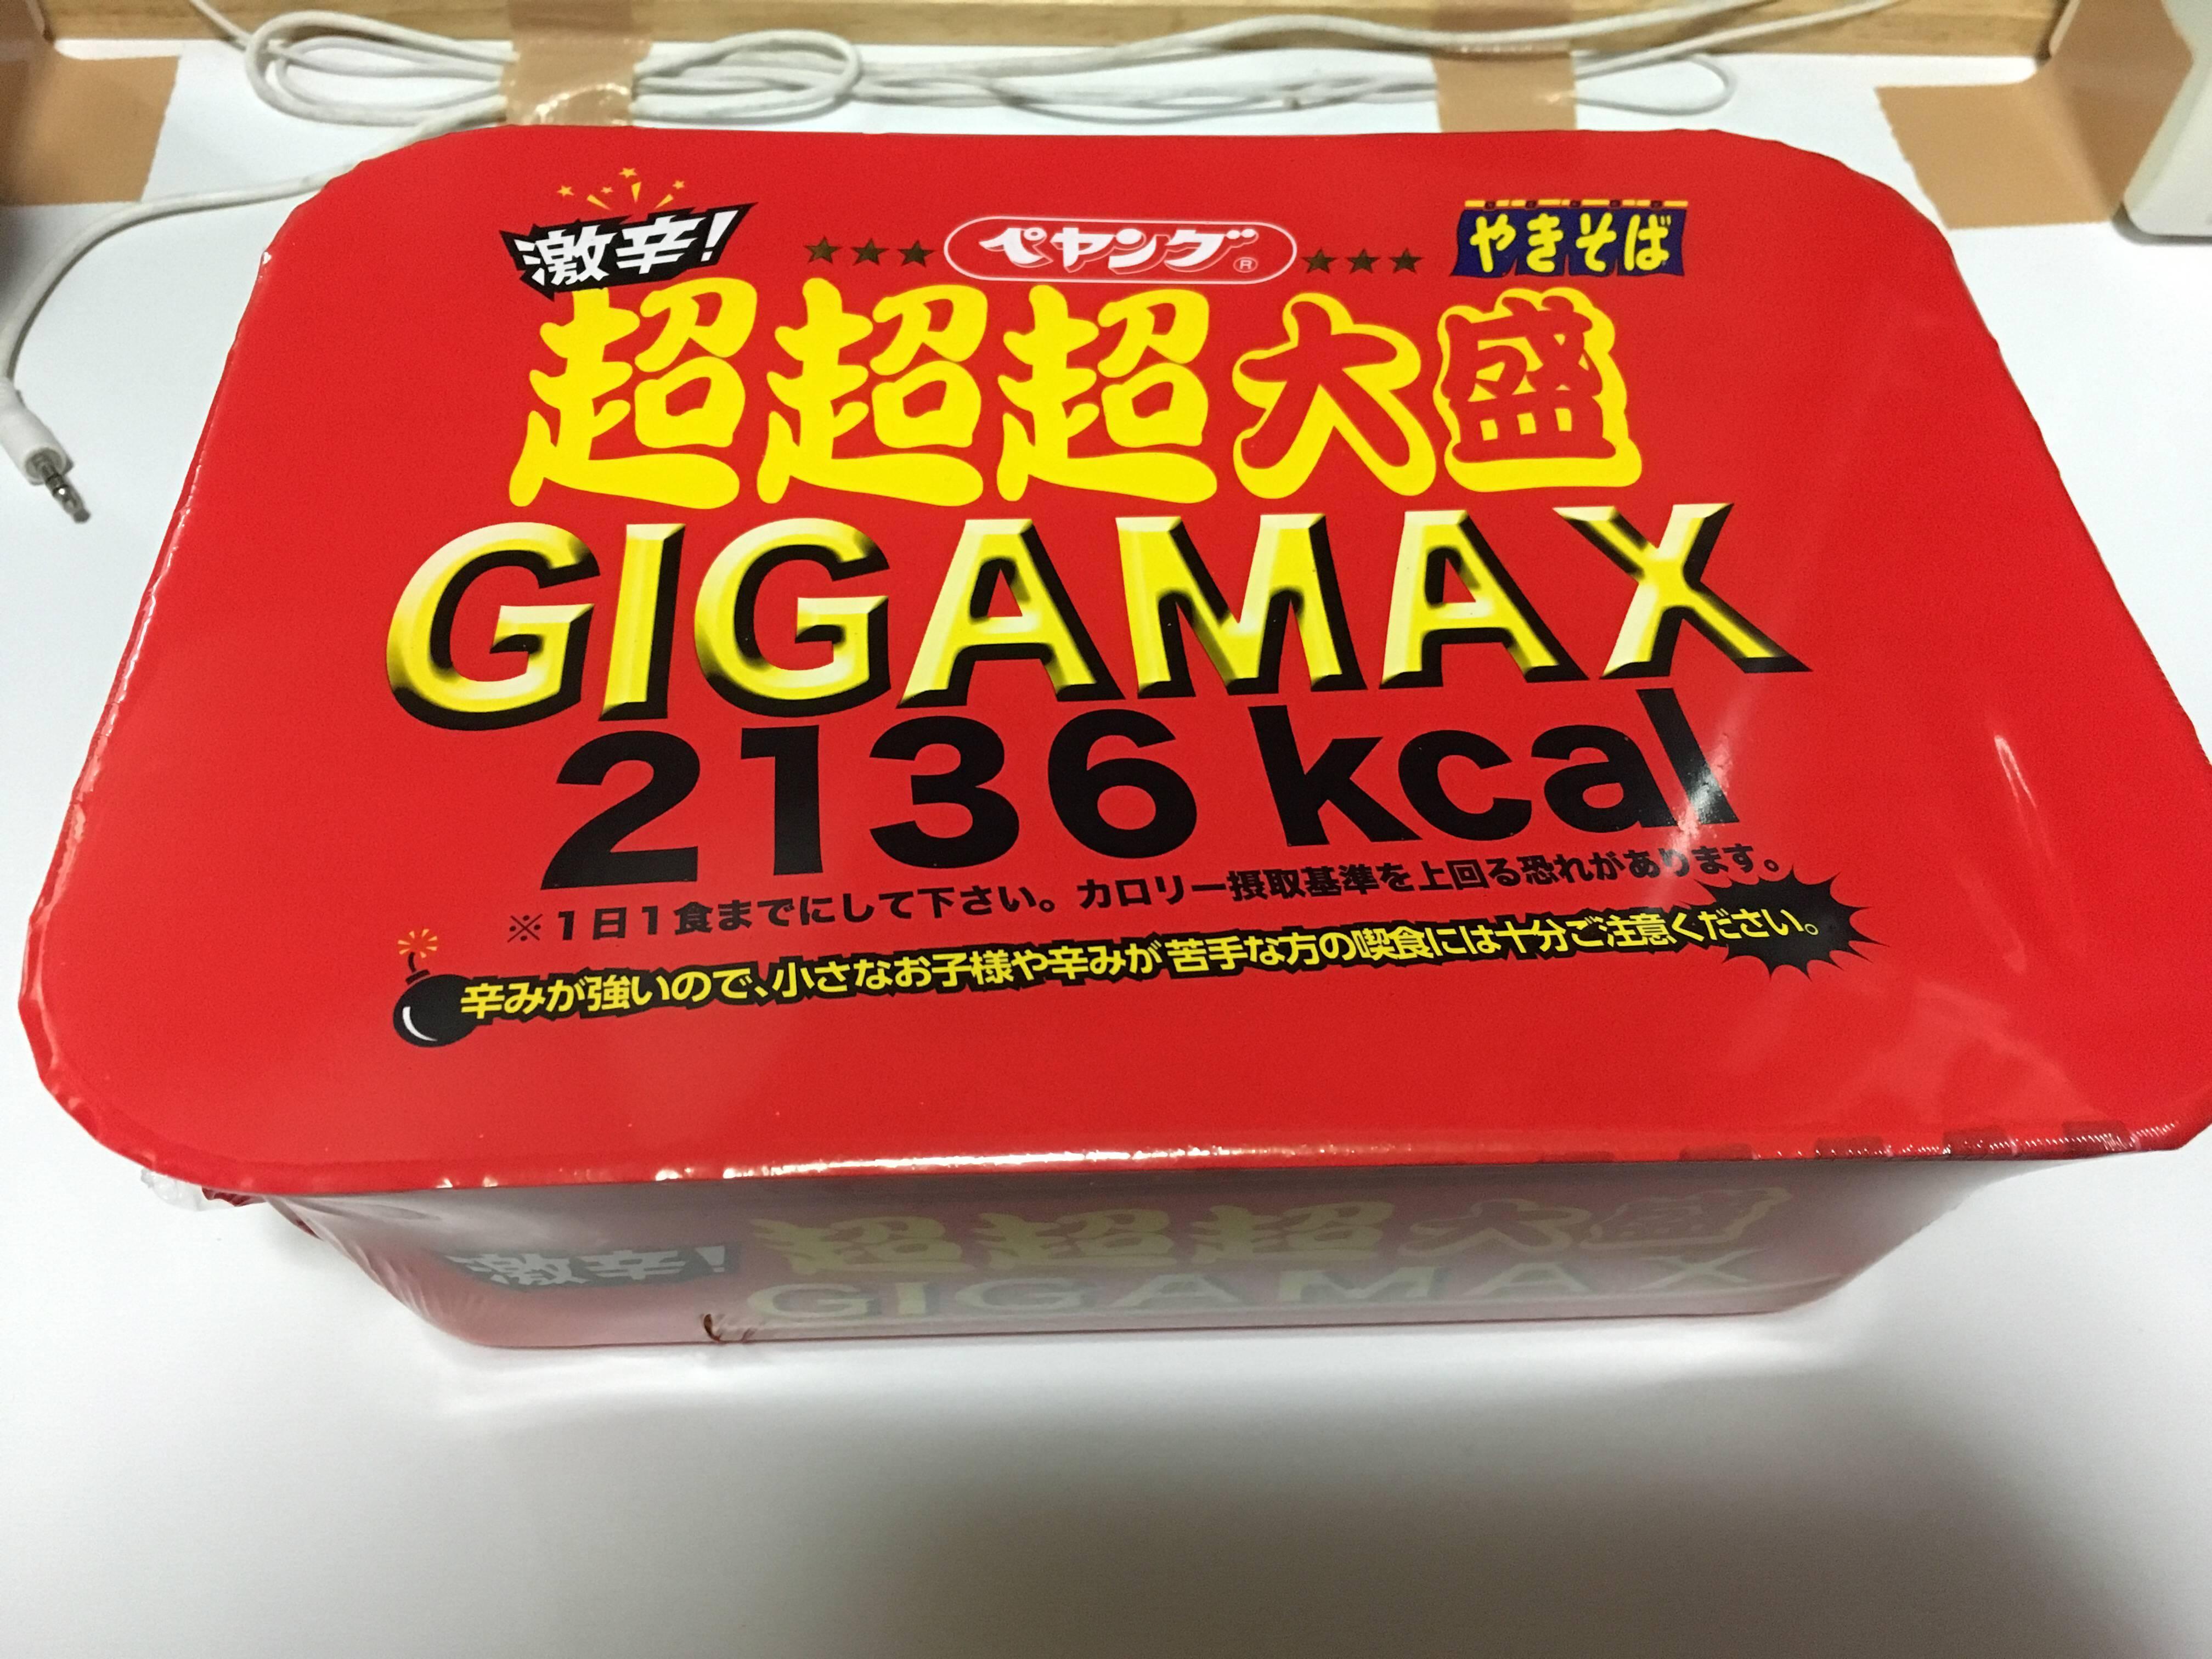 【画像有】激辛ペヤング超超超大盛GIGAMAXを食べるぞ!!!!!